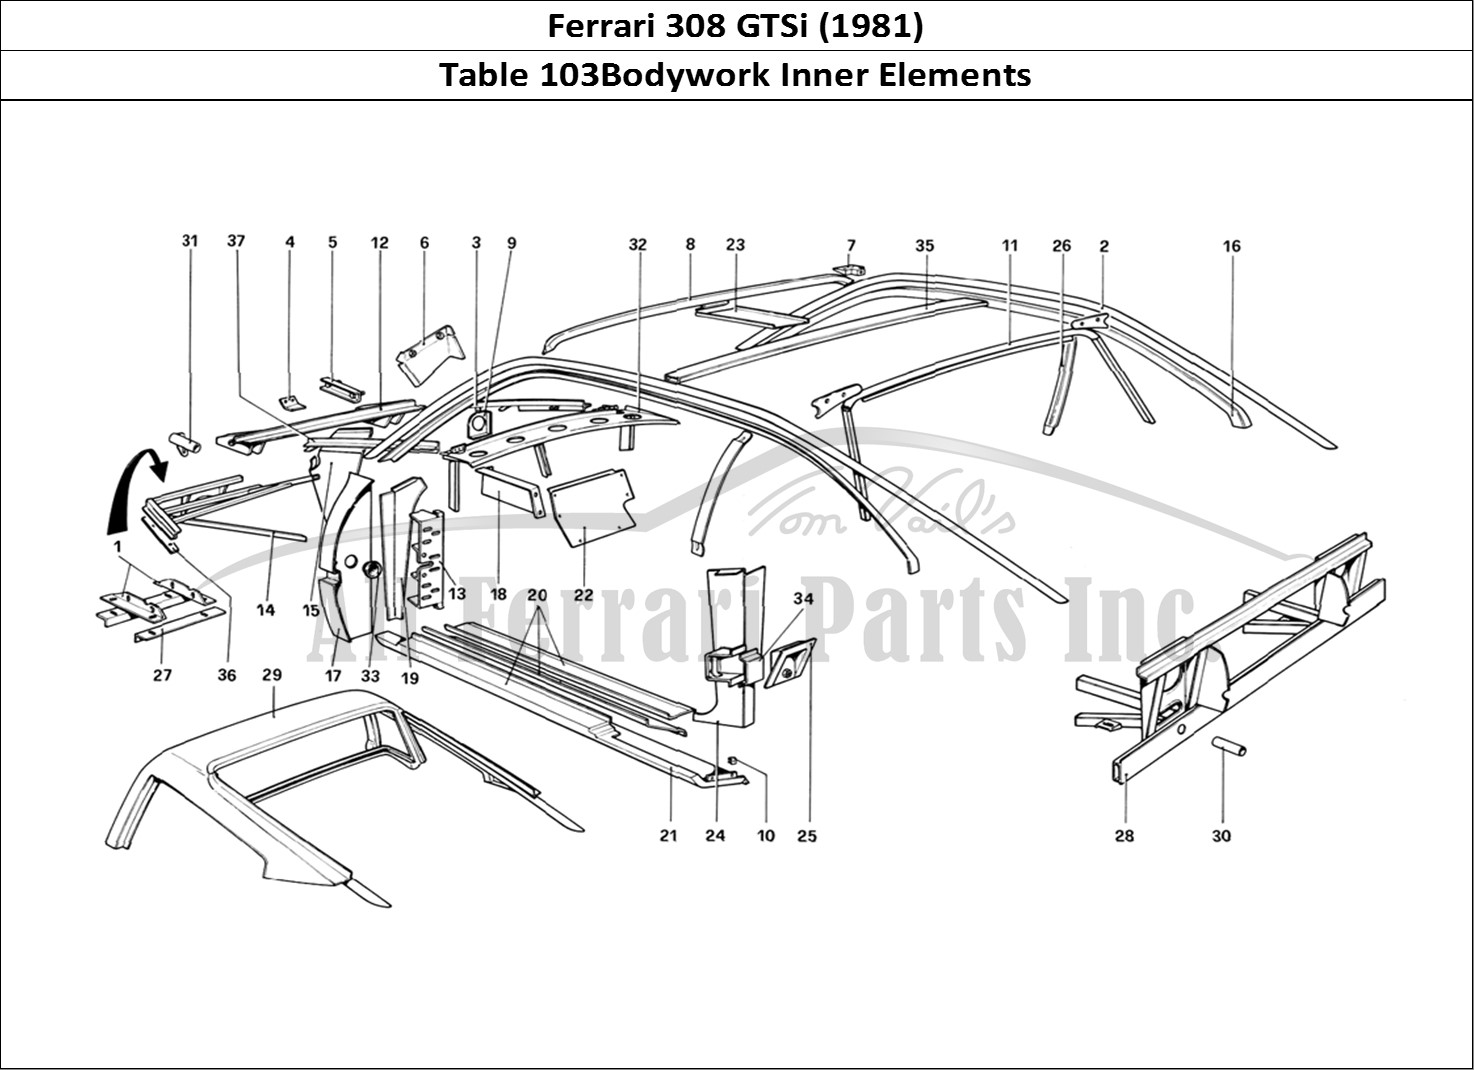 Buy original Ferrari 308 GTSi (1981) 103Bodywork Inner